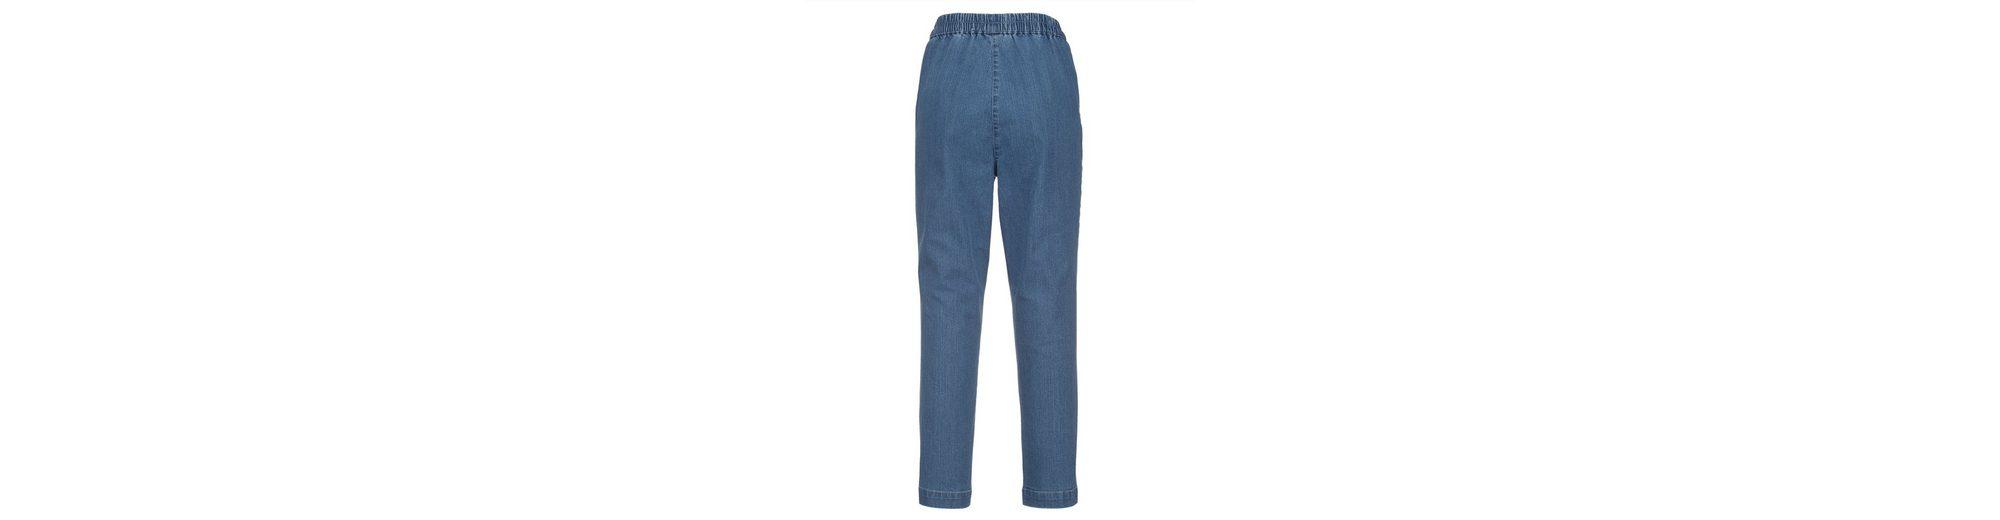 MIAMODA Capri-Jeans in komfortabler Schlupfform Verkauf Für Billig Billige Versorgung Vorbestellung Für Verkauf Zahlen Mit Paypal Günstigem Preis EGyQUte